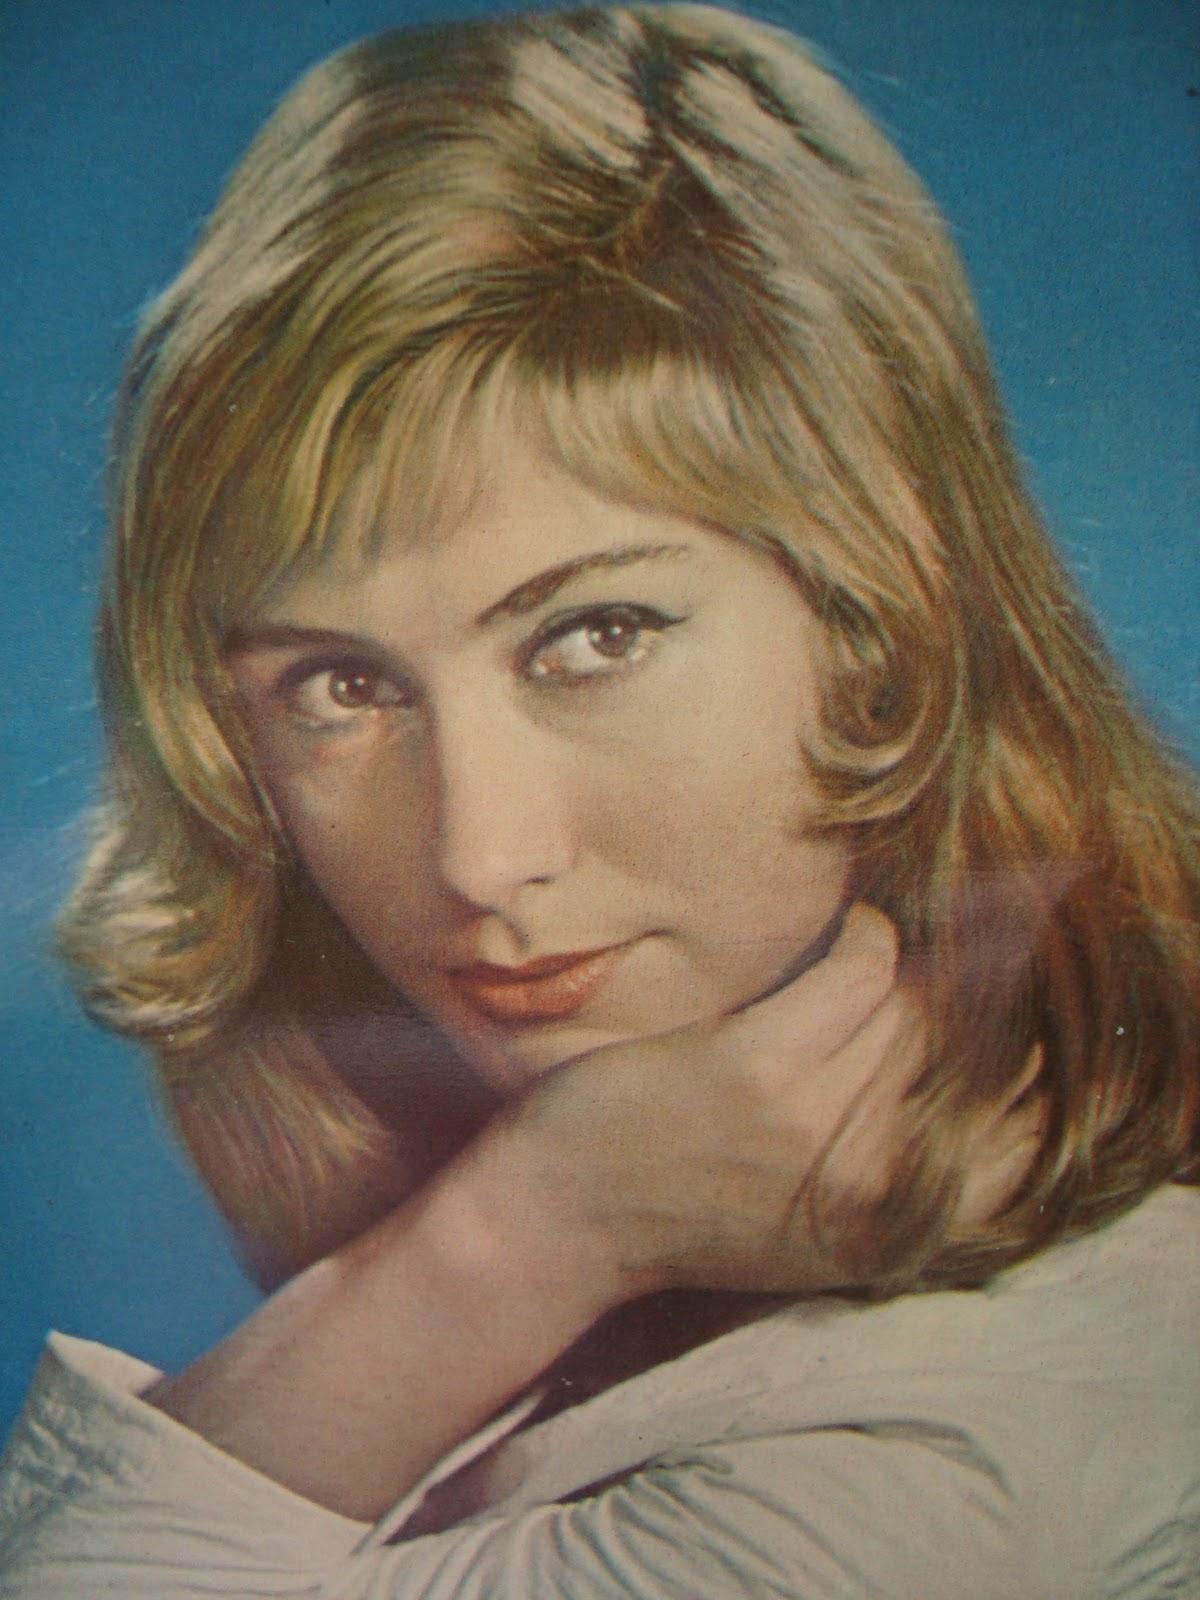 Фото ирины мирошниченко в купальнике 16 фотография